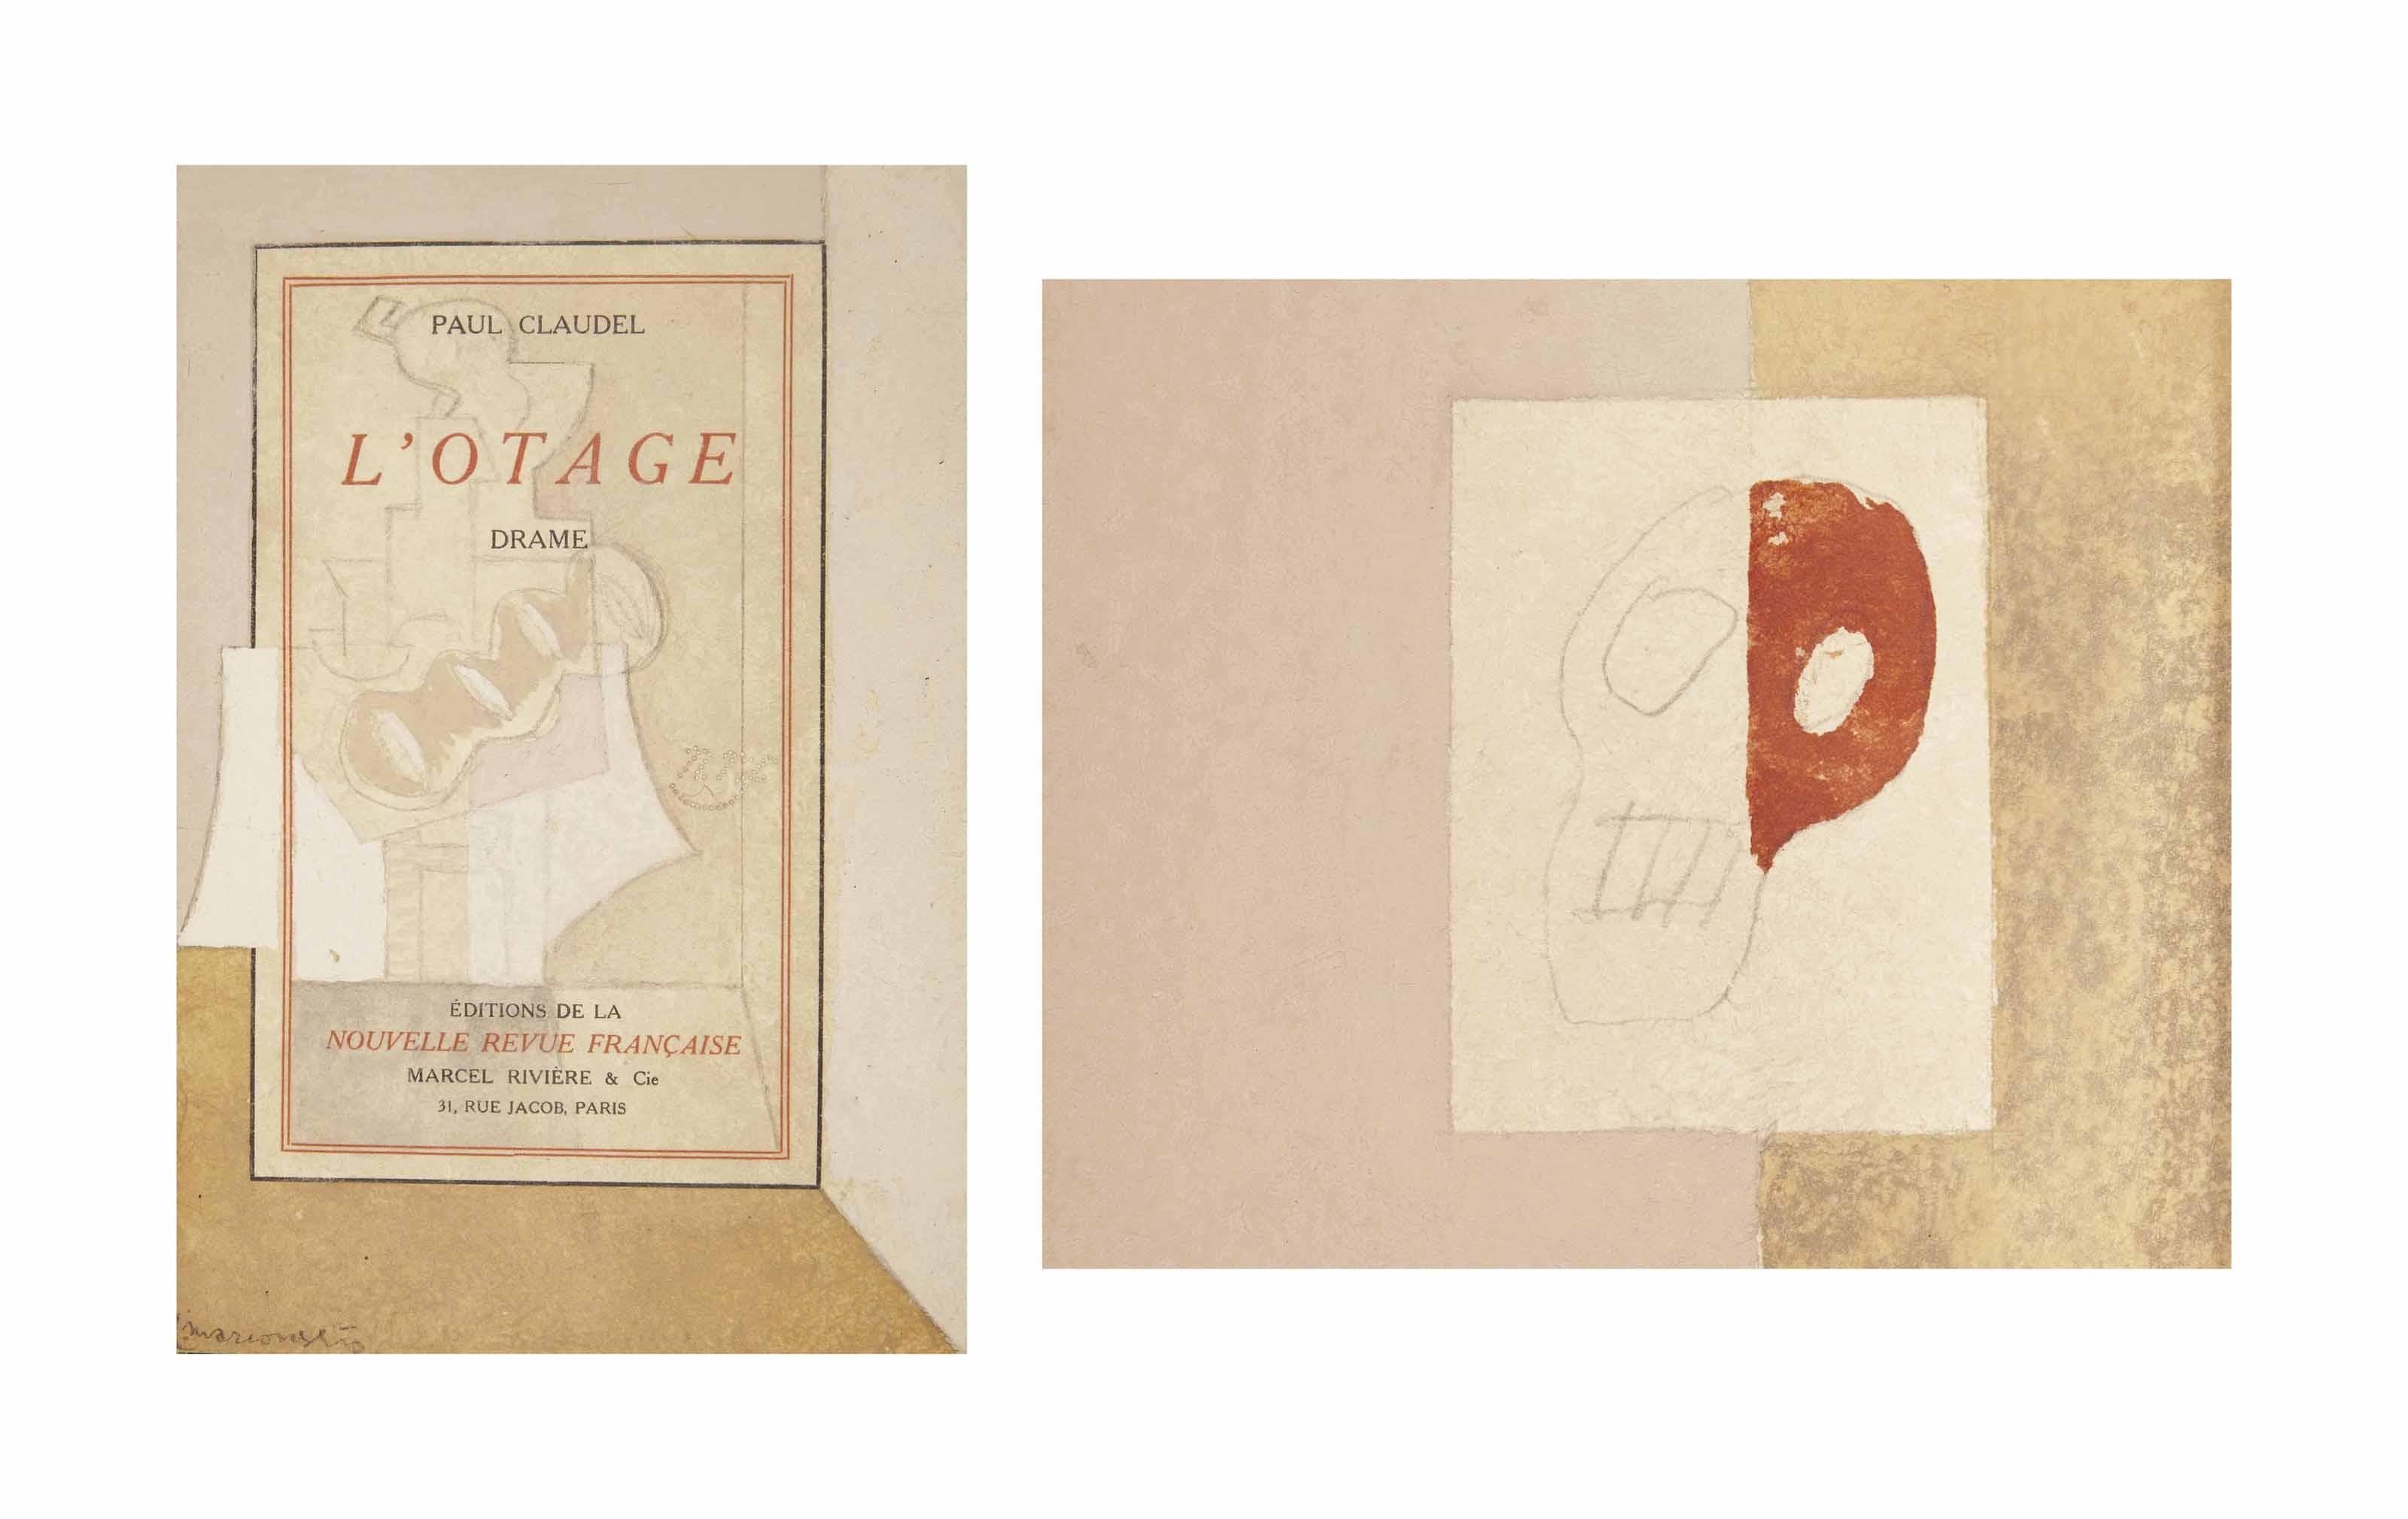 [MARCOUSSIS] -- CLAUDEL, Paul (1868-1955). L'Otage. Drame. Paris: éditions de la Nouvelle Revue Française, 1911.